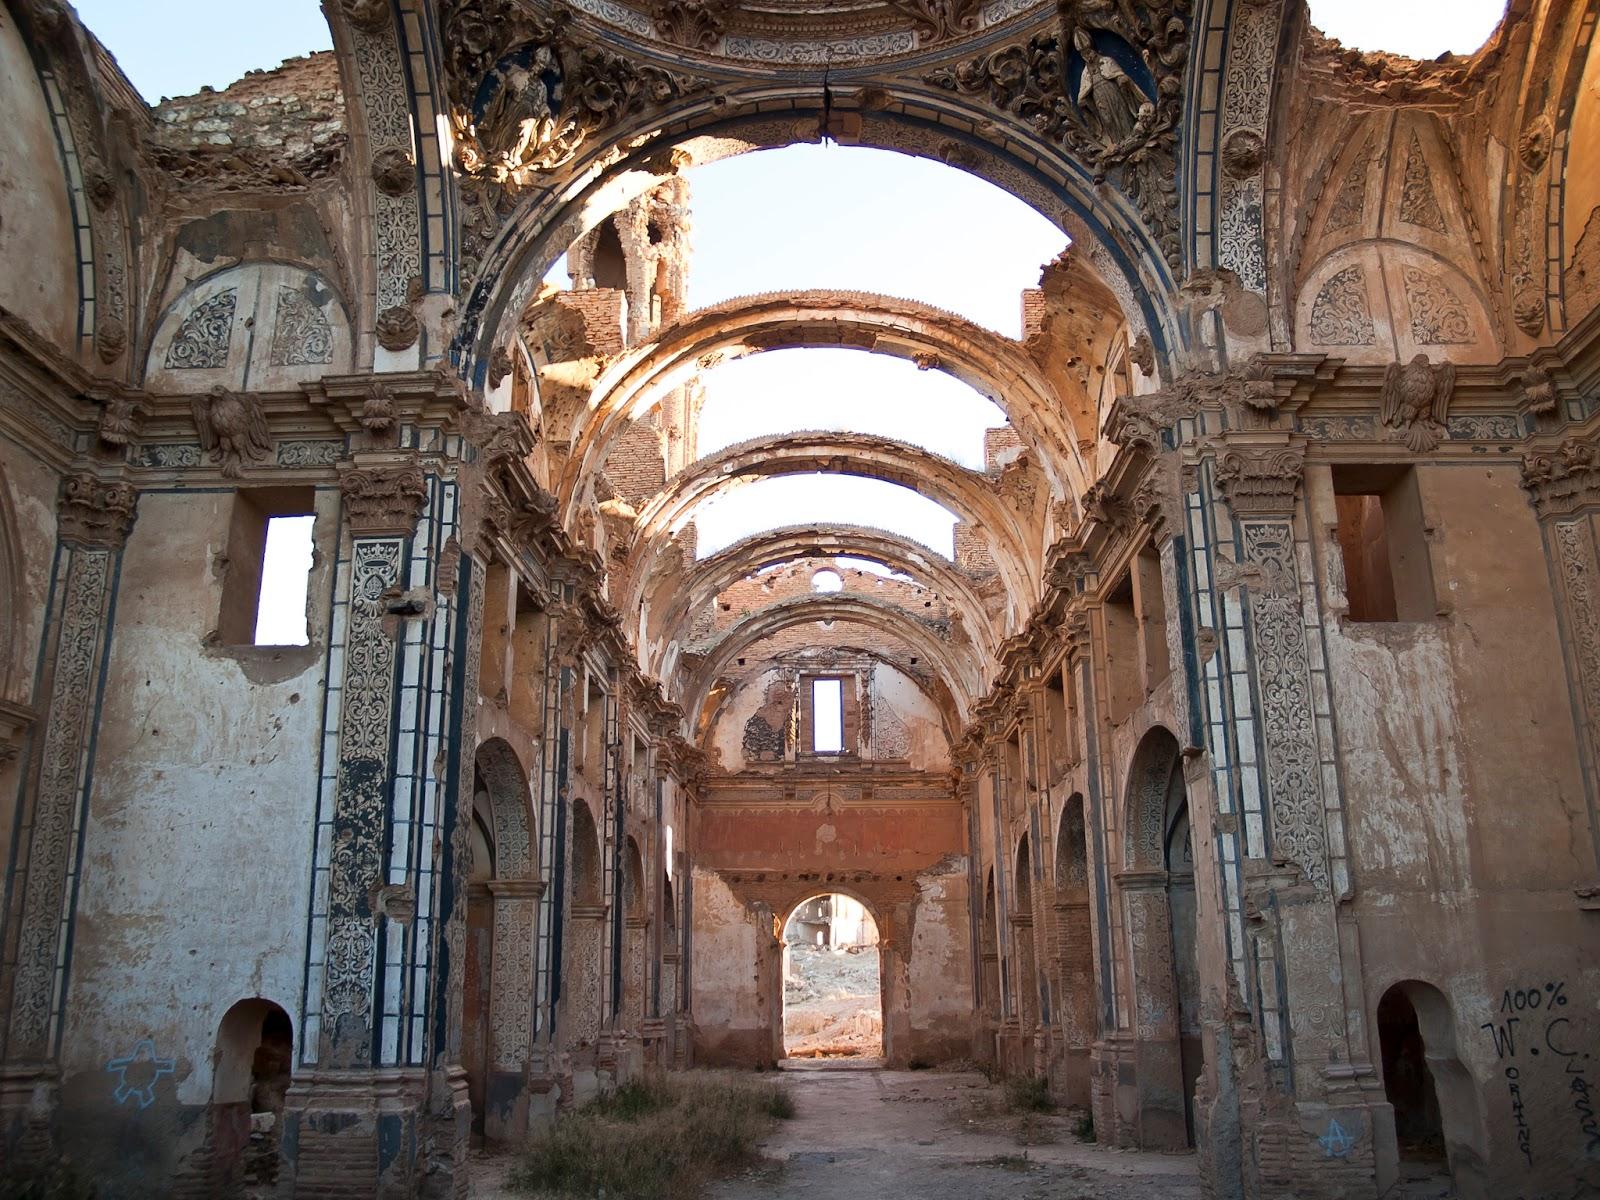 El bombardeo de Belchite; una herida abierta en nuestra historia ...